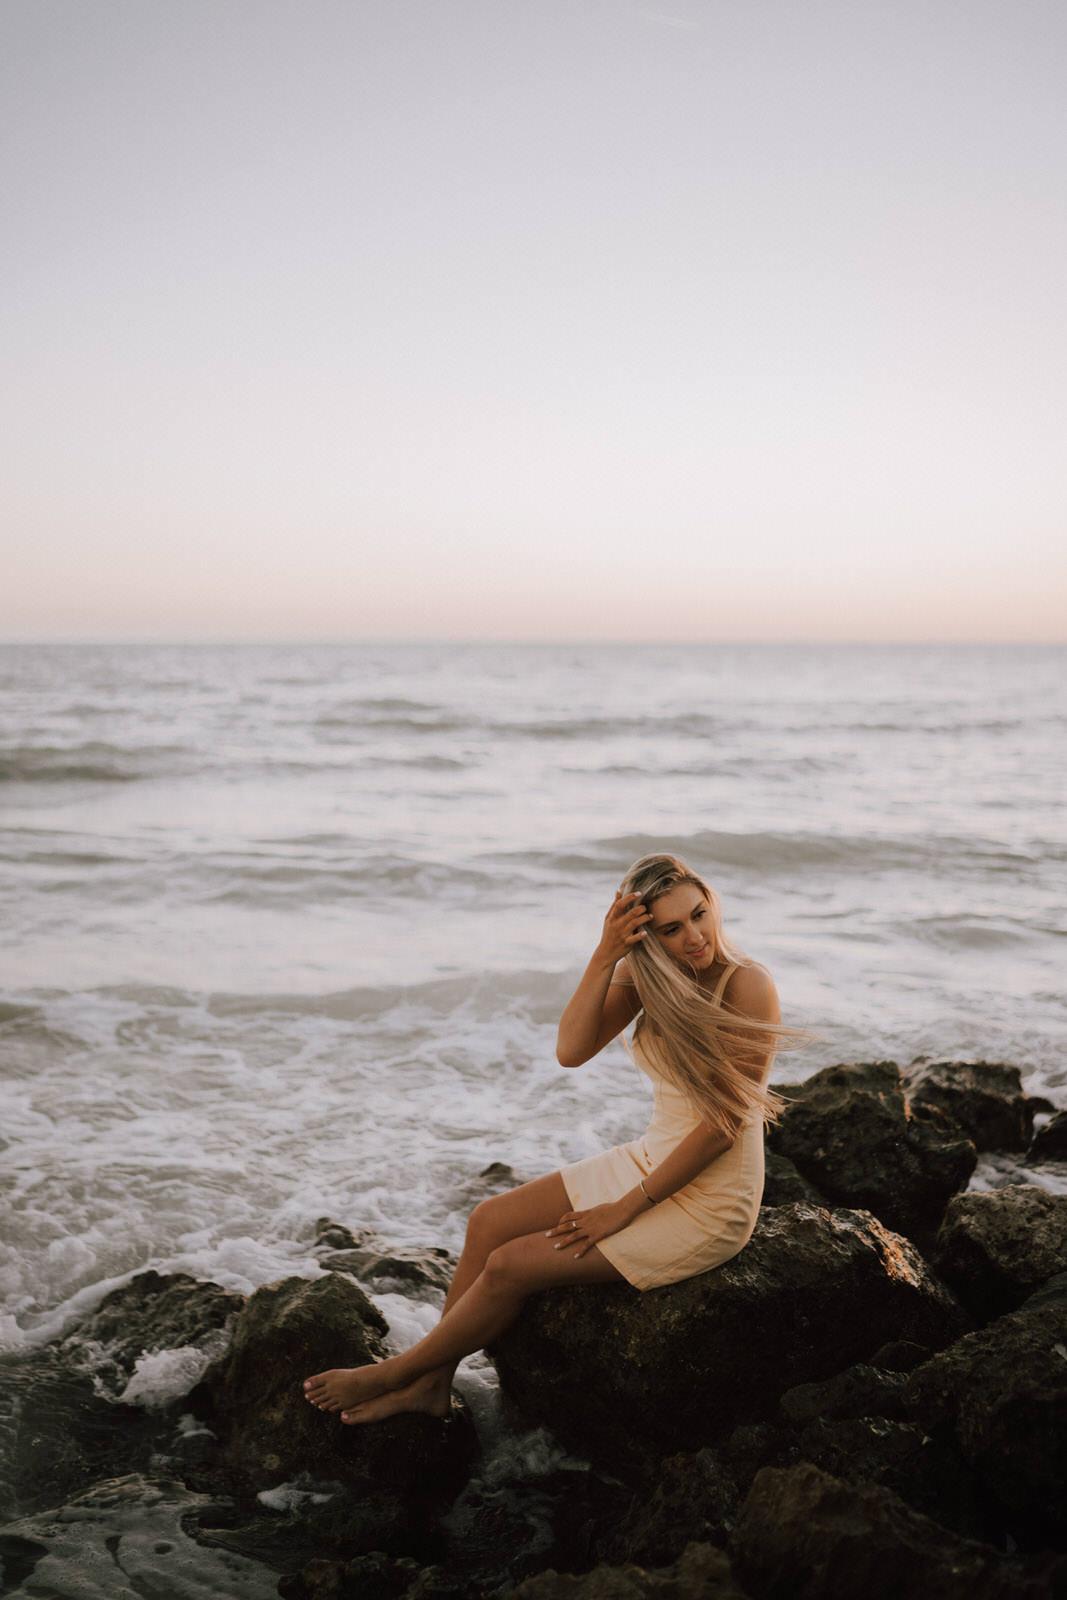 Fort Myers Senior Photos on Bonita Beach - Michelle Gonzalez Photography - Skyler Hart-219.JPG